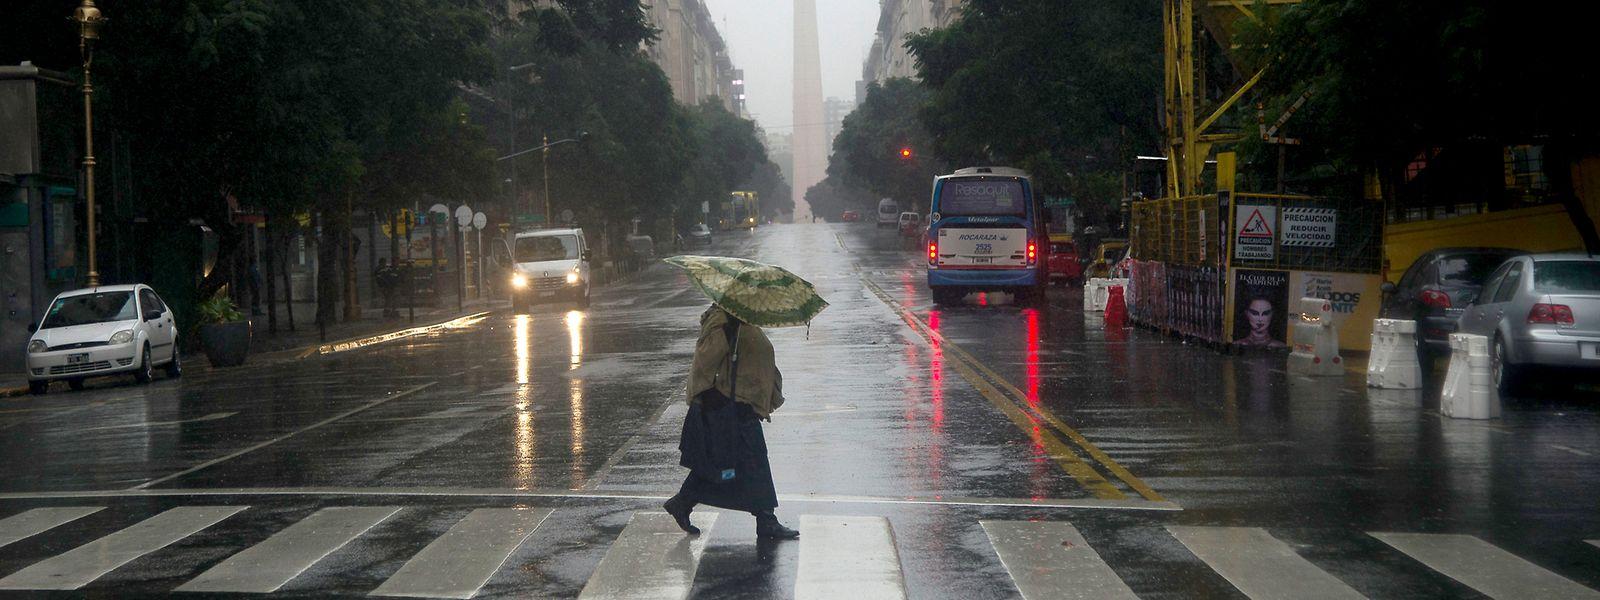 Argentinien, Buenos Aires: In Teilen Südamerikas ist es am Sonntag, den 16.06.2019, zu einem massiven Stromausfall gekommen.